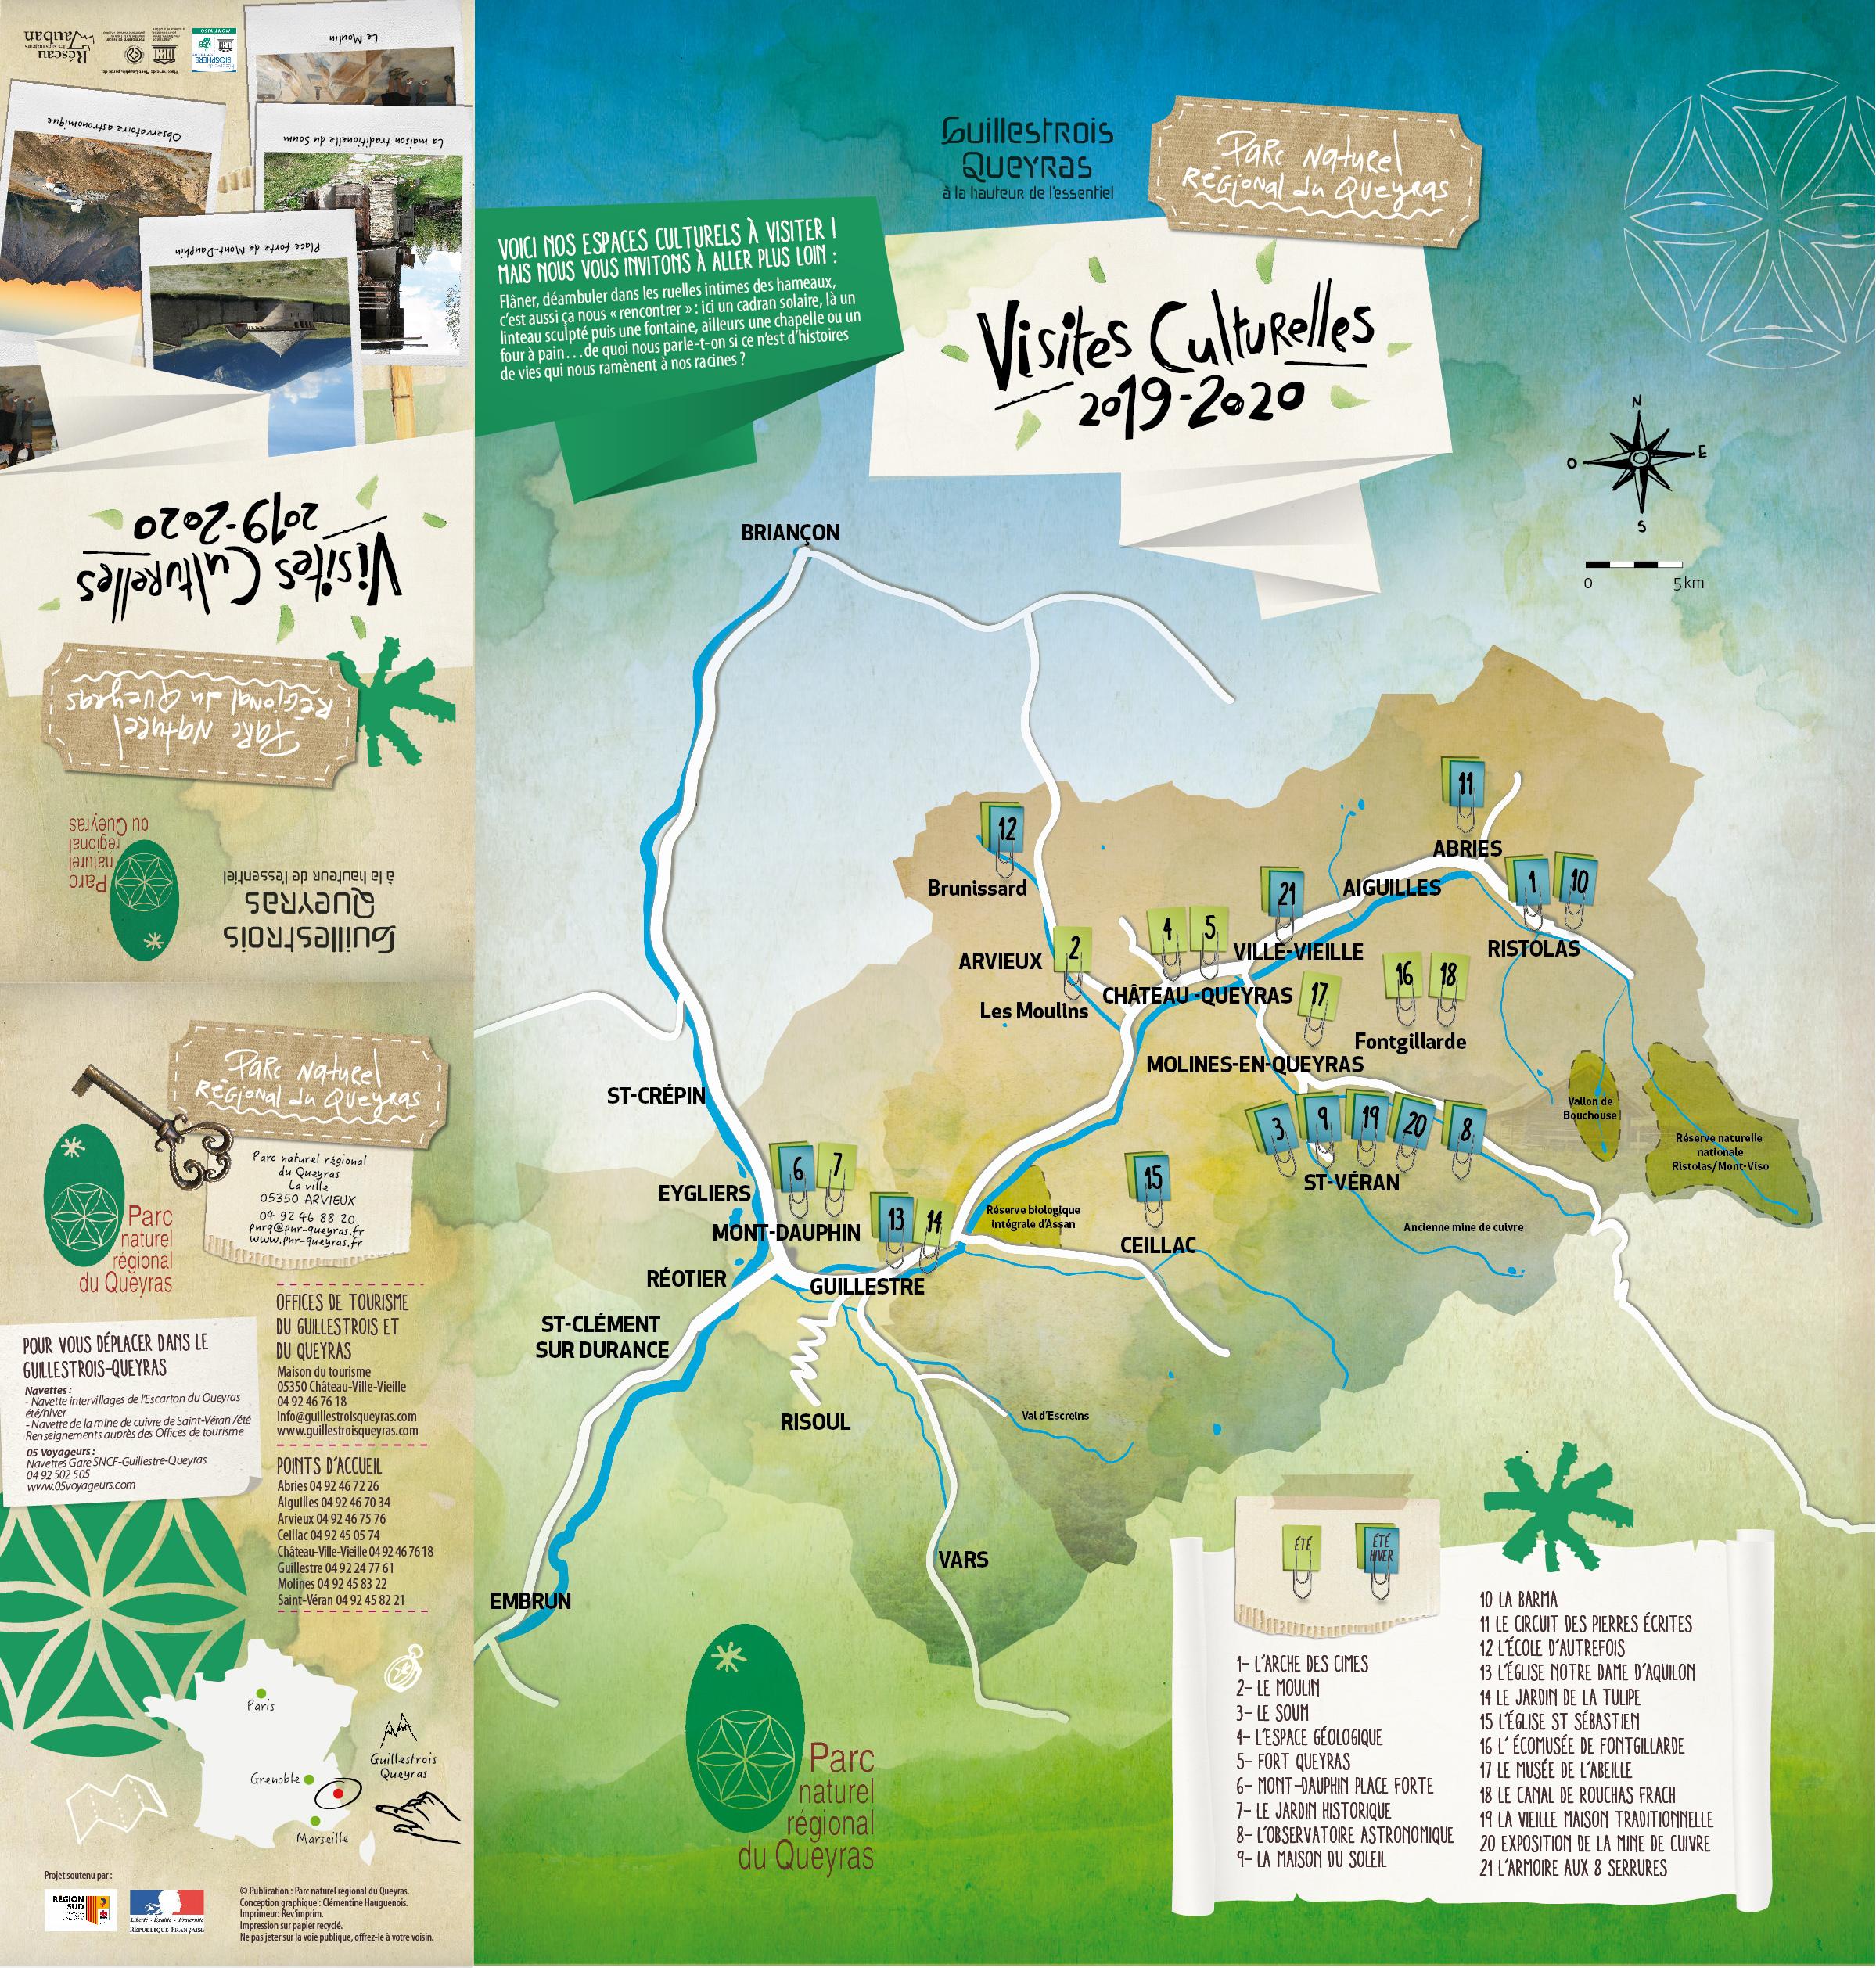 Carte Touristique Du Queyras.Espaces Museographiques Du Parc Parc Naturel Regional Du